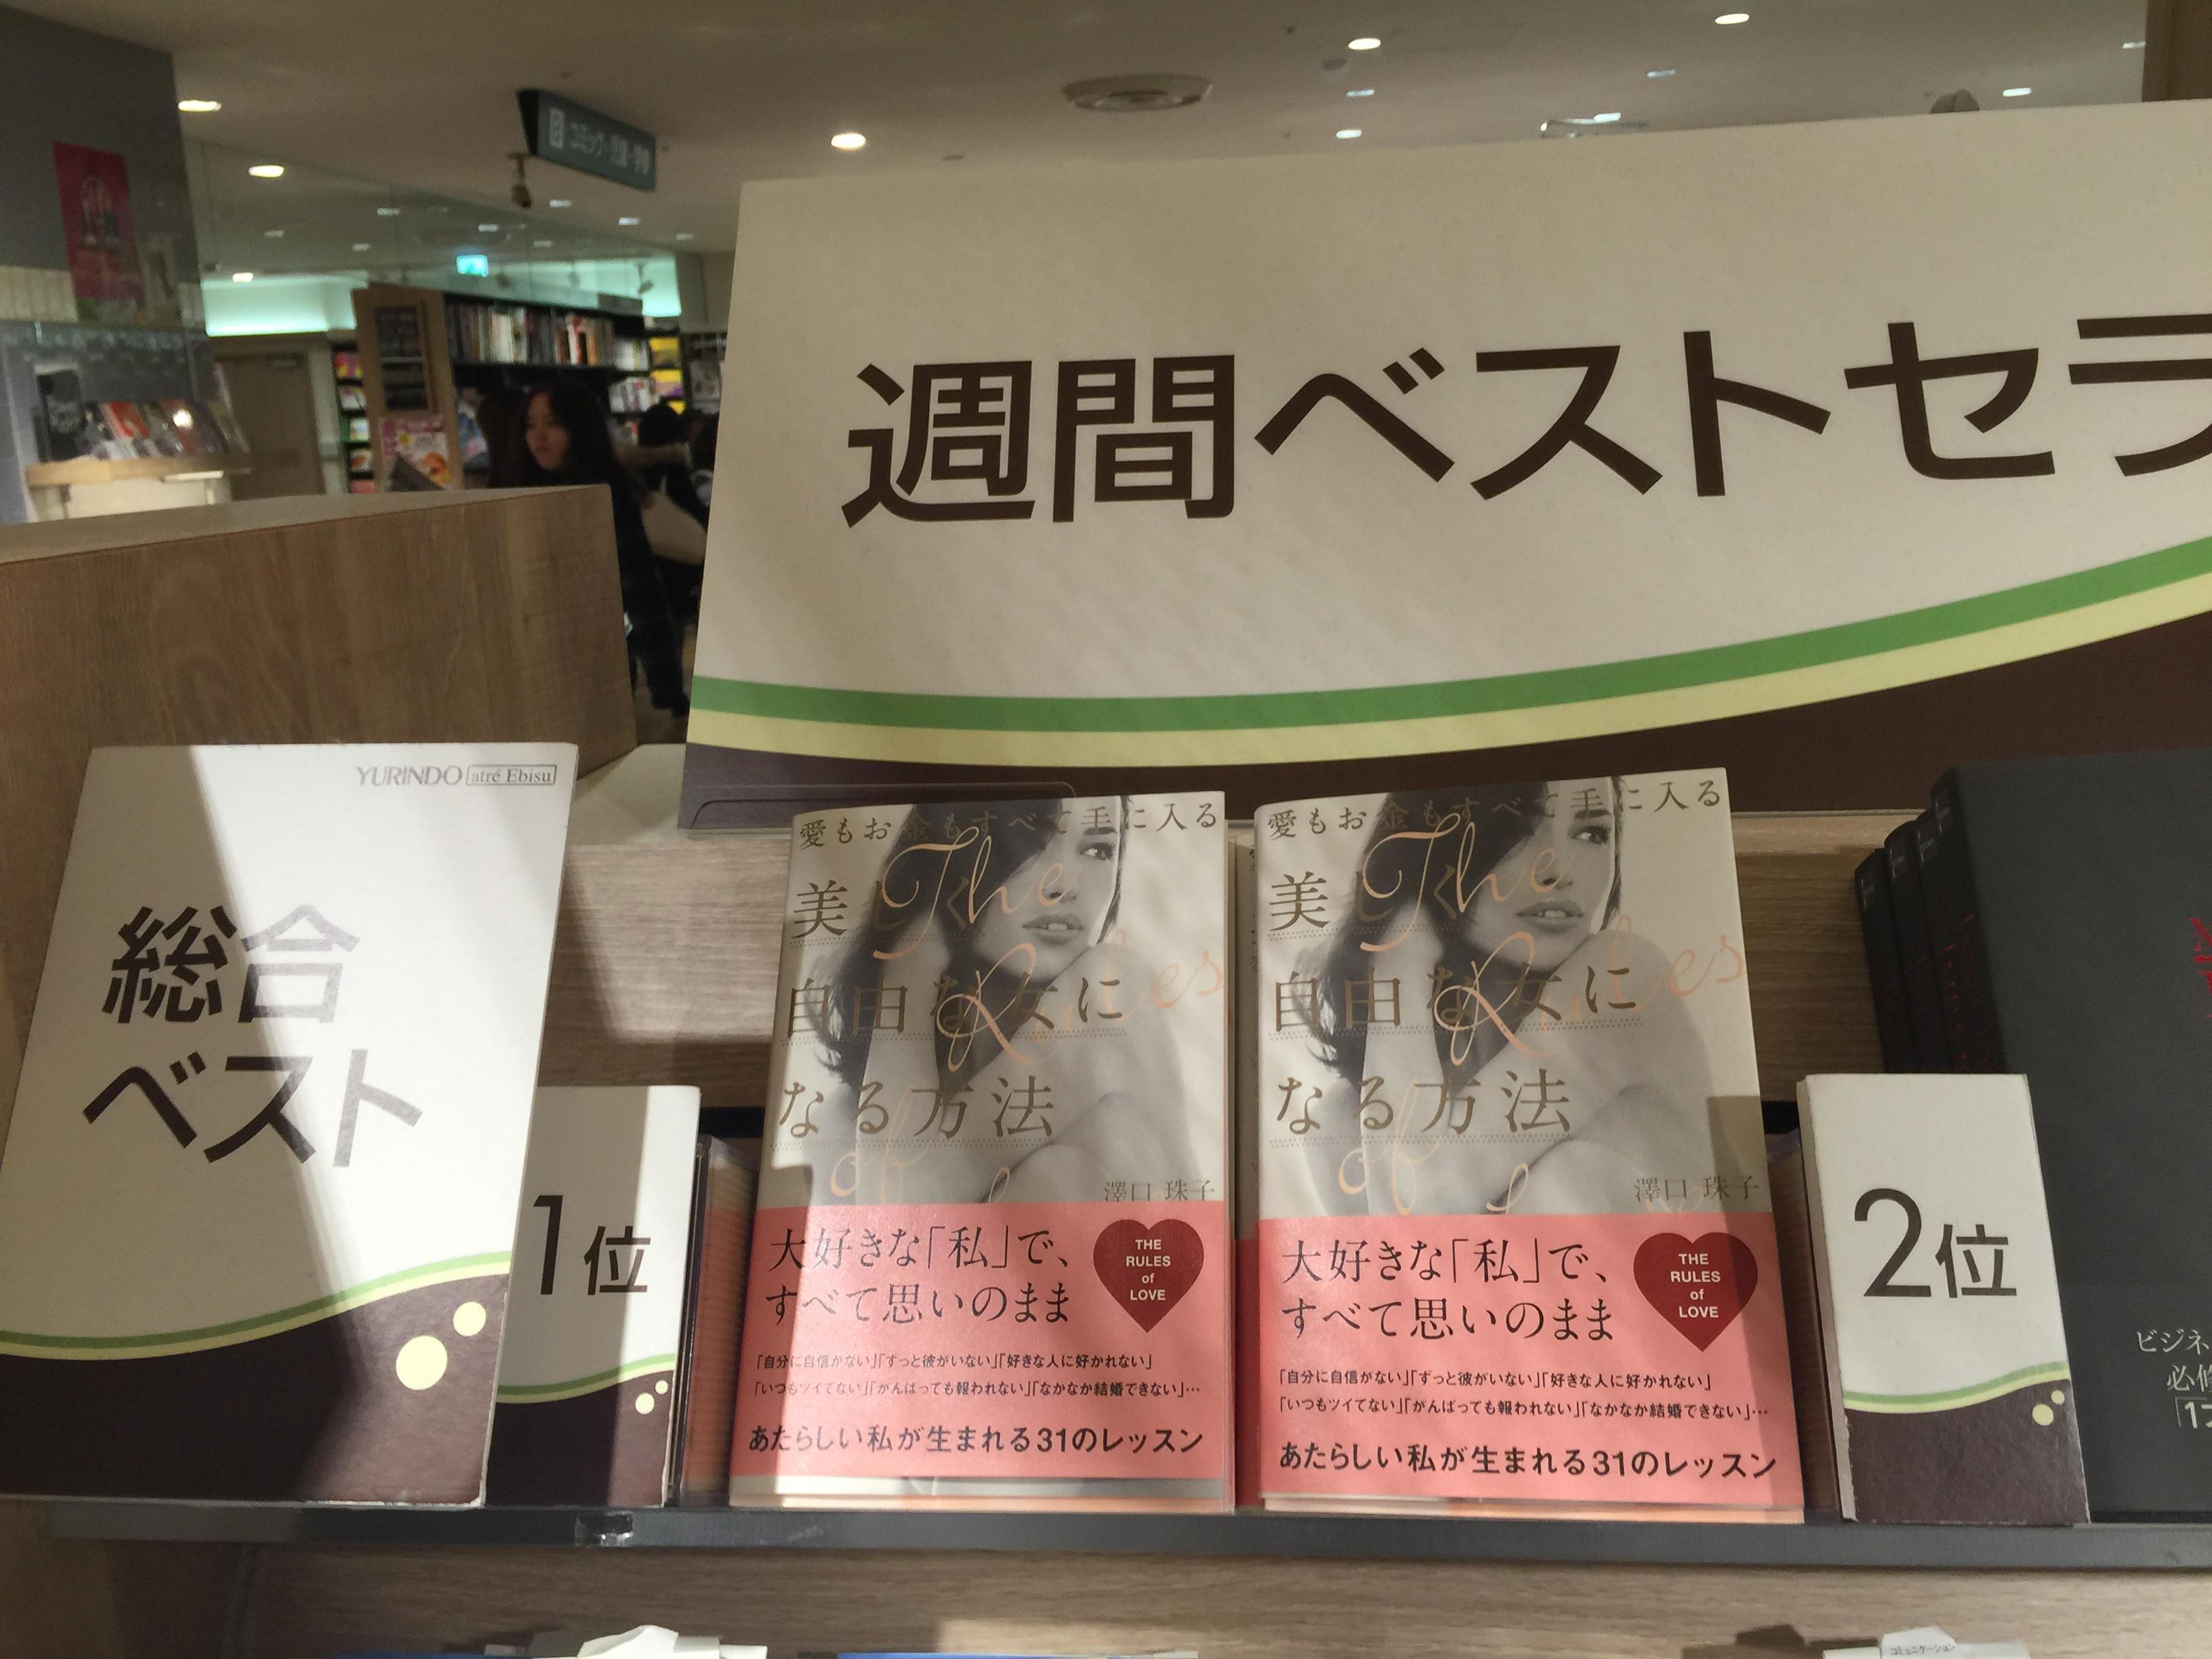 【週間ベストセラー総合1位に選出!】有隣堂 アトレ恵比寿店「愛もお金も全て手に入る美しく自由な女になる方法」